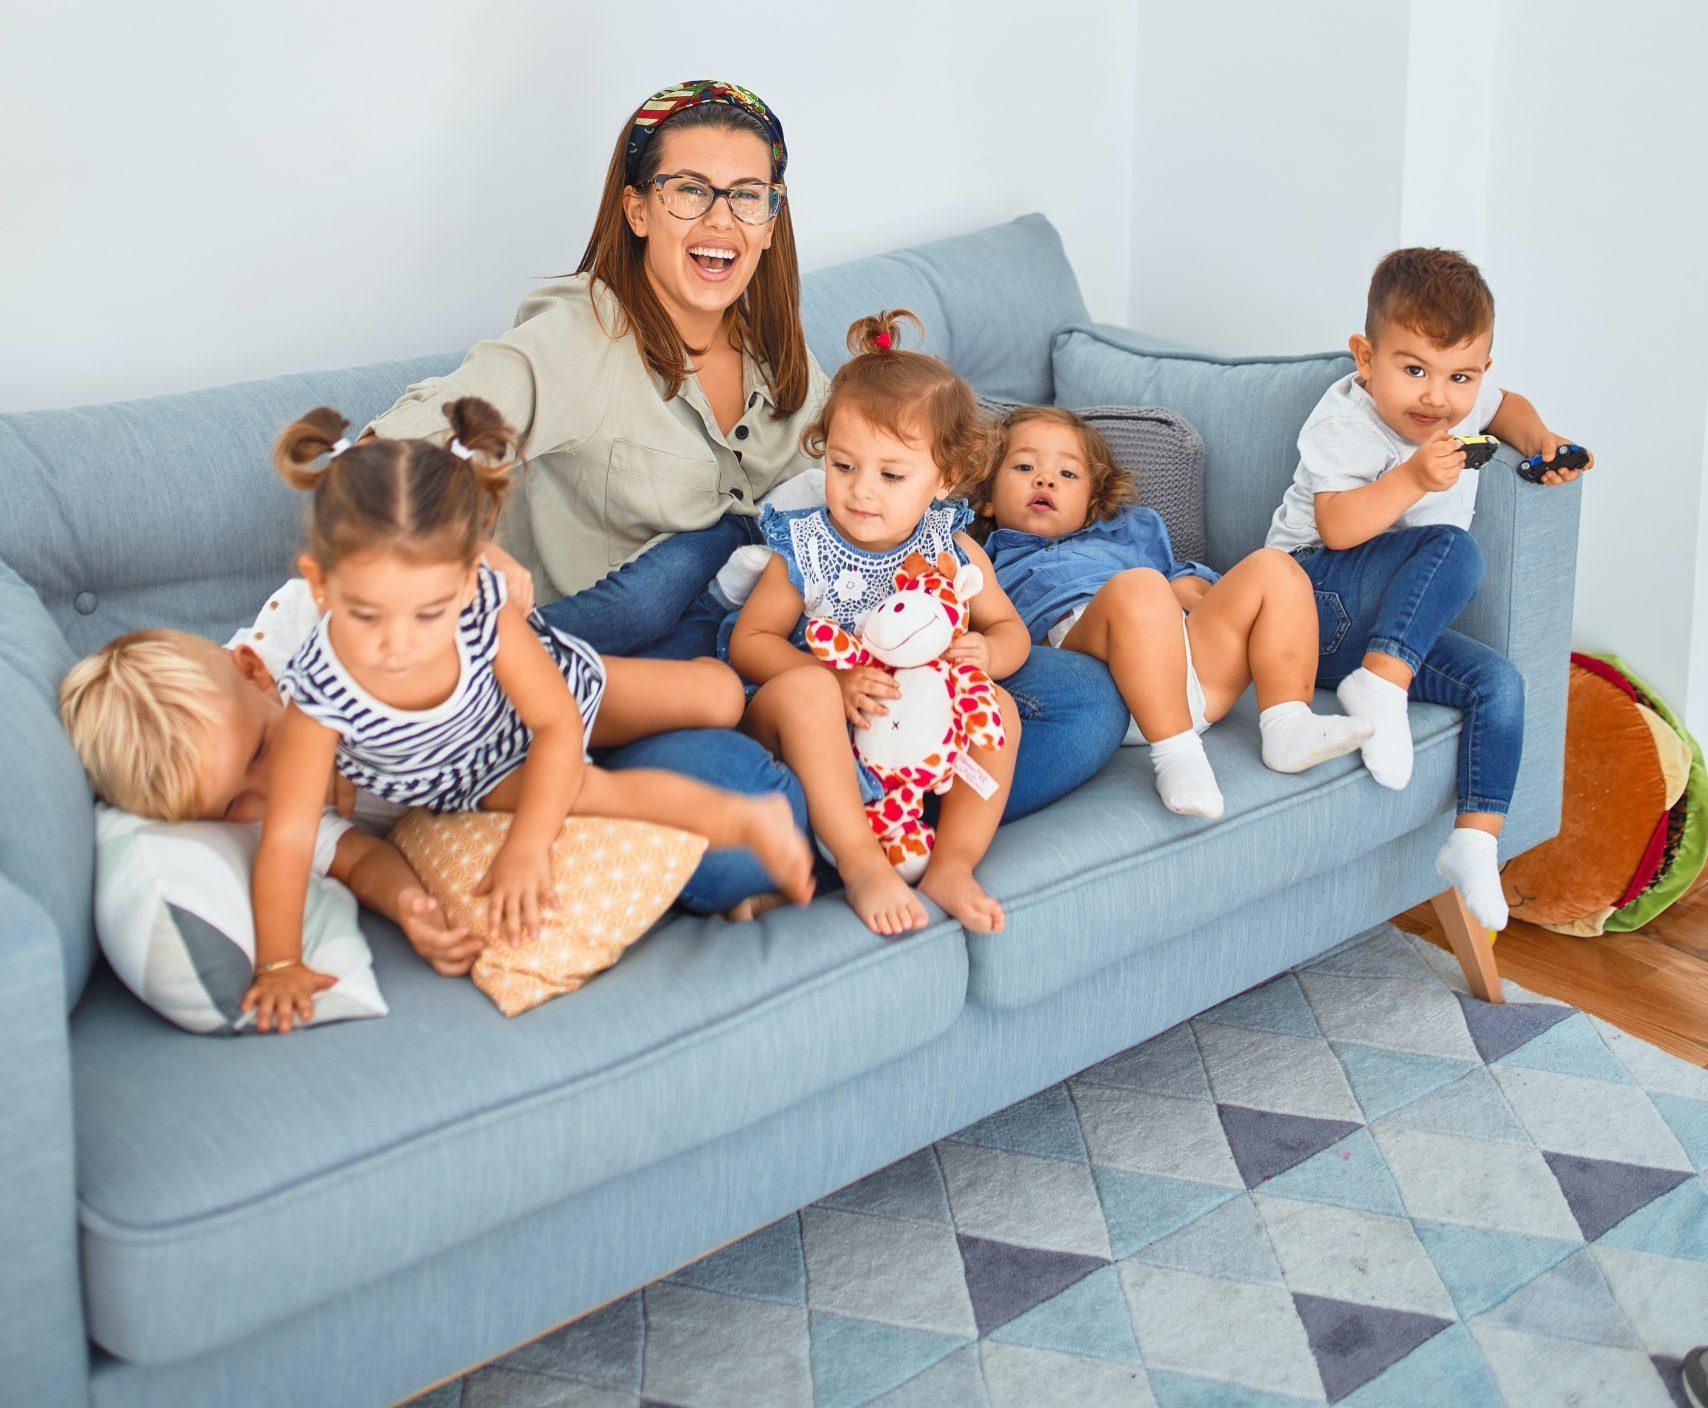 Nachteile und patchworkfamilie vor Patchwork Familie